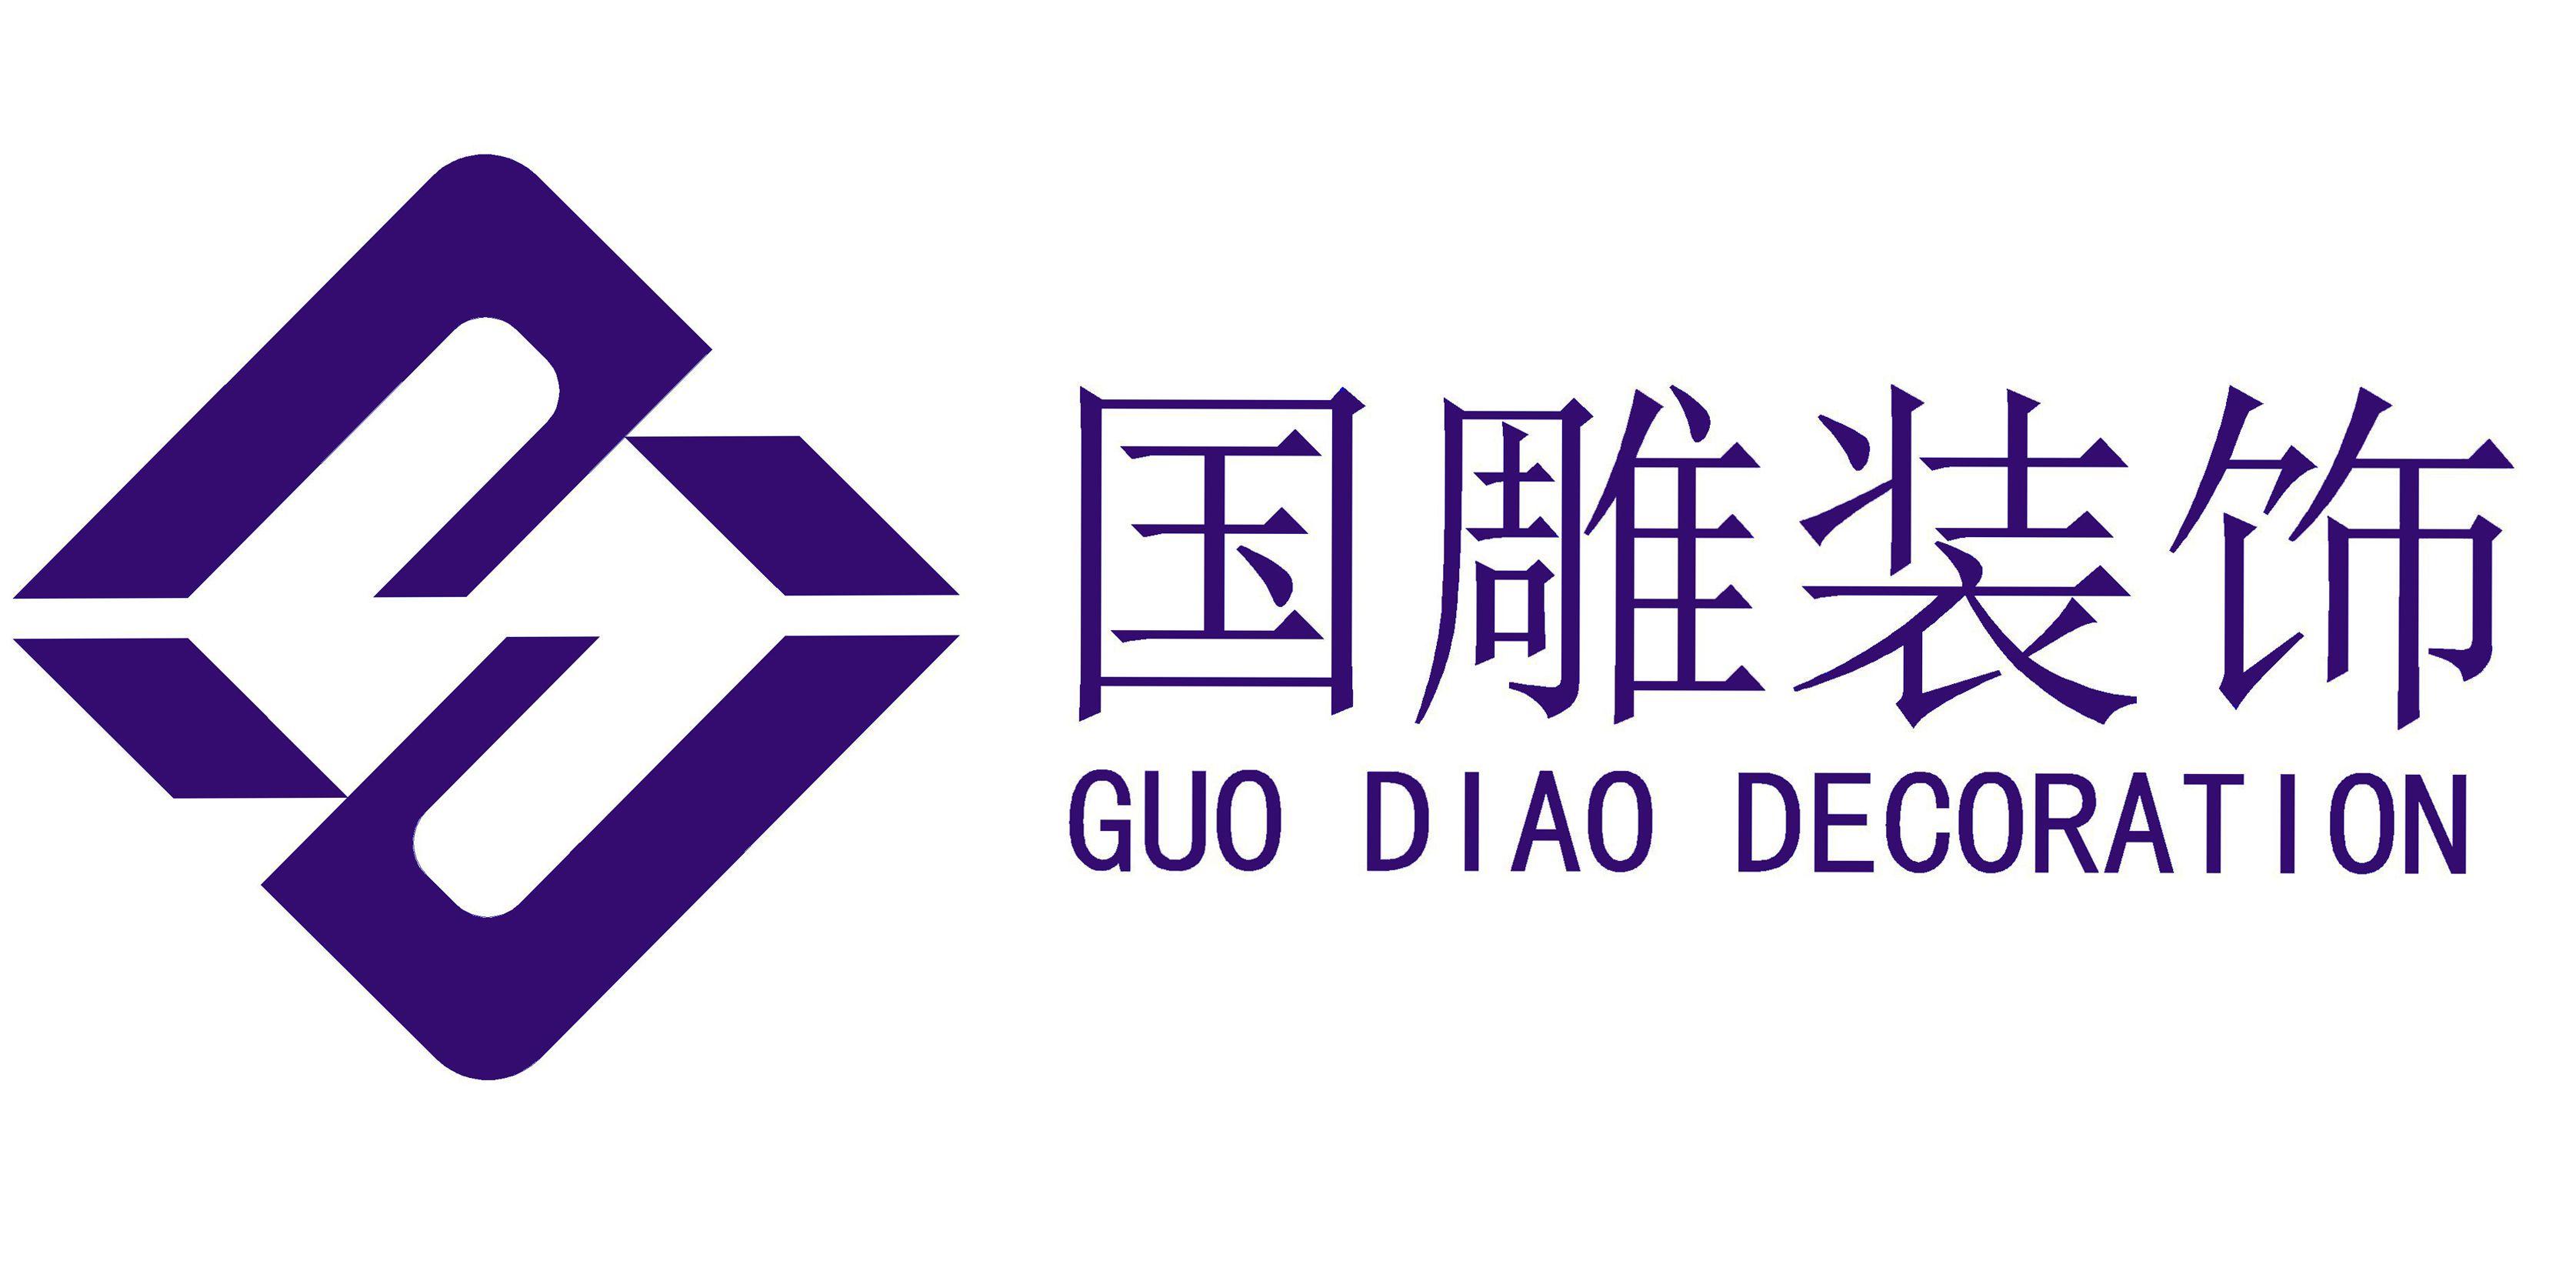 惠州市国雕装饰设计工程有限公司